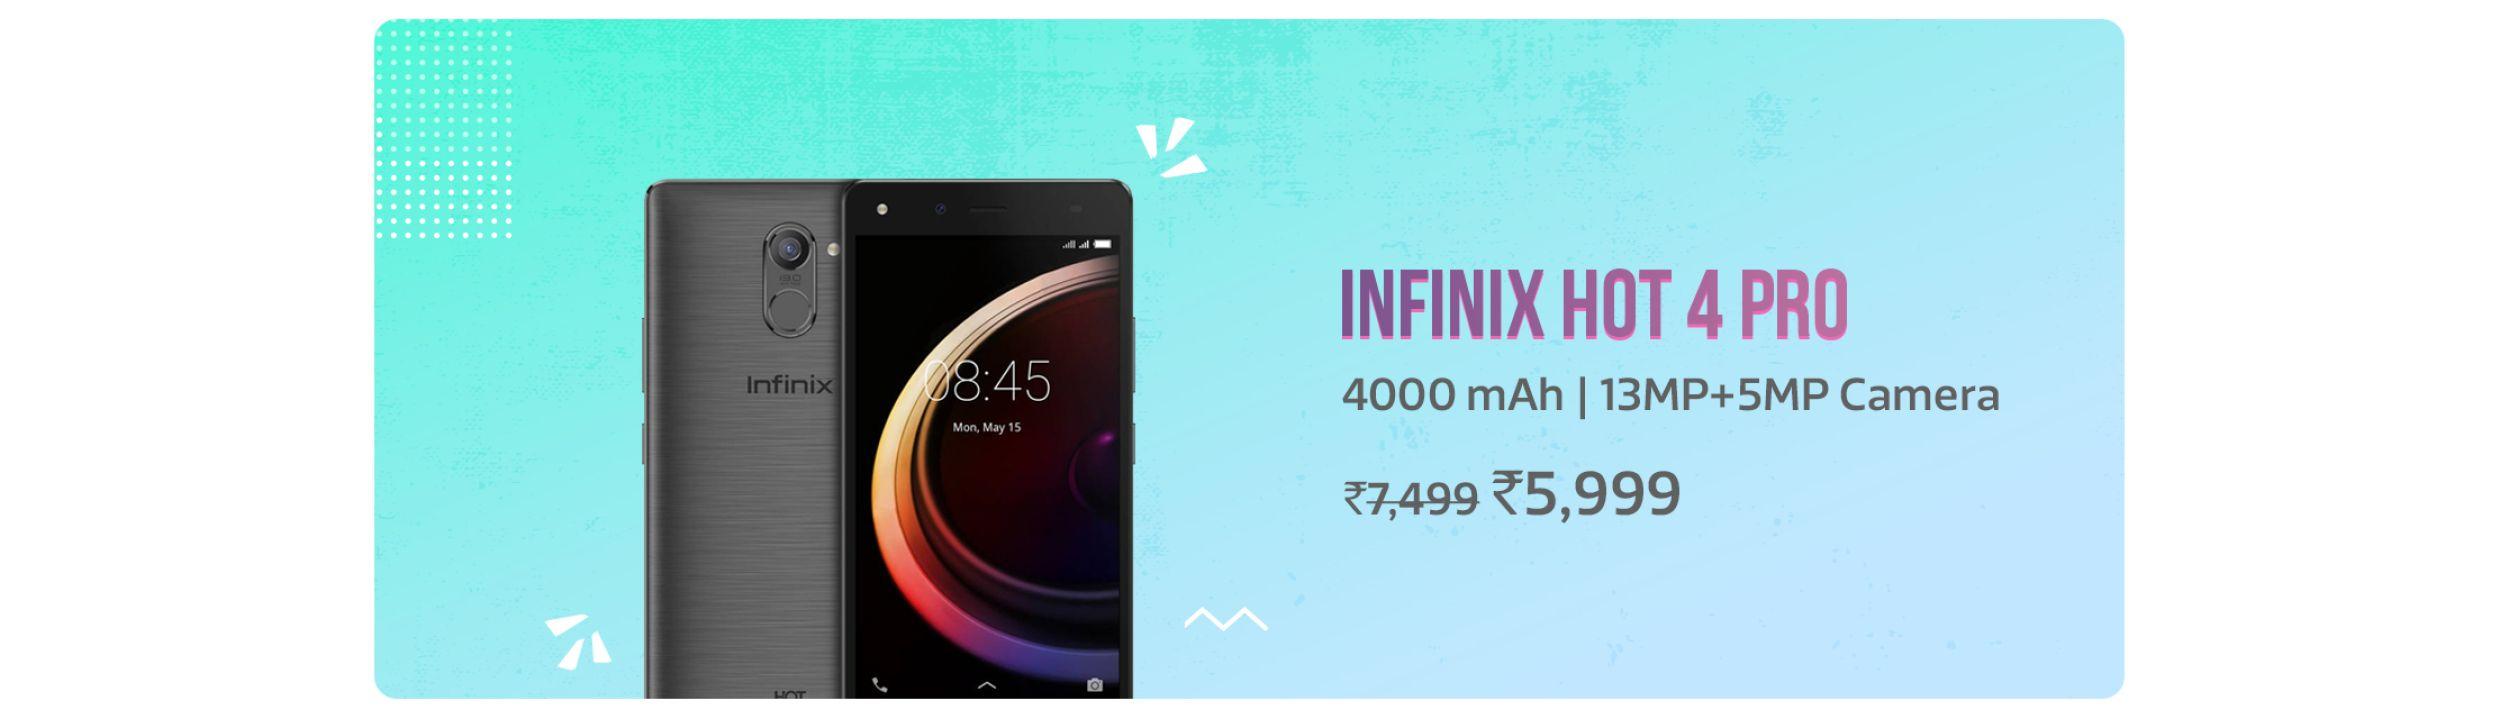 Infinix Hot 4 Pro Banner